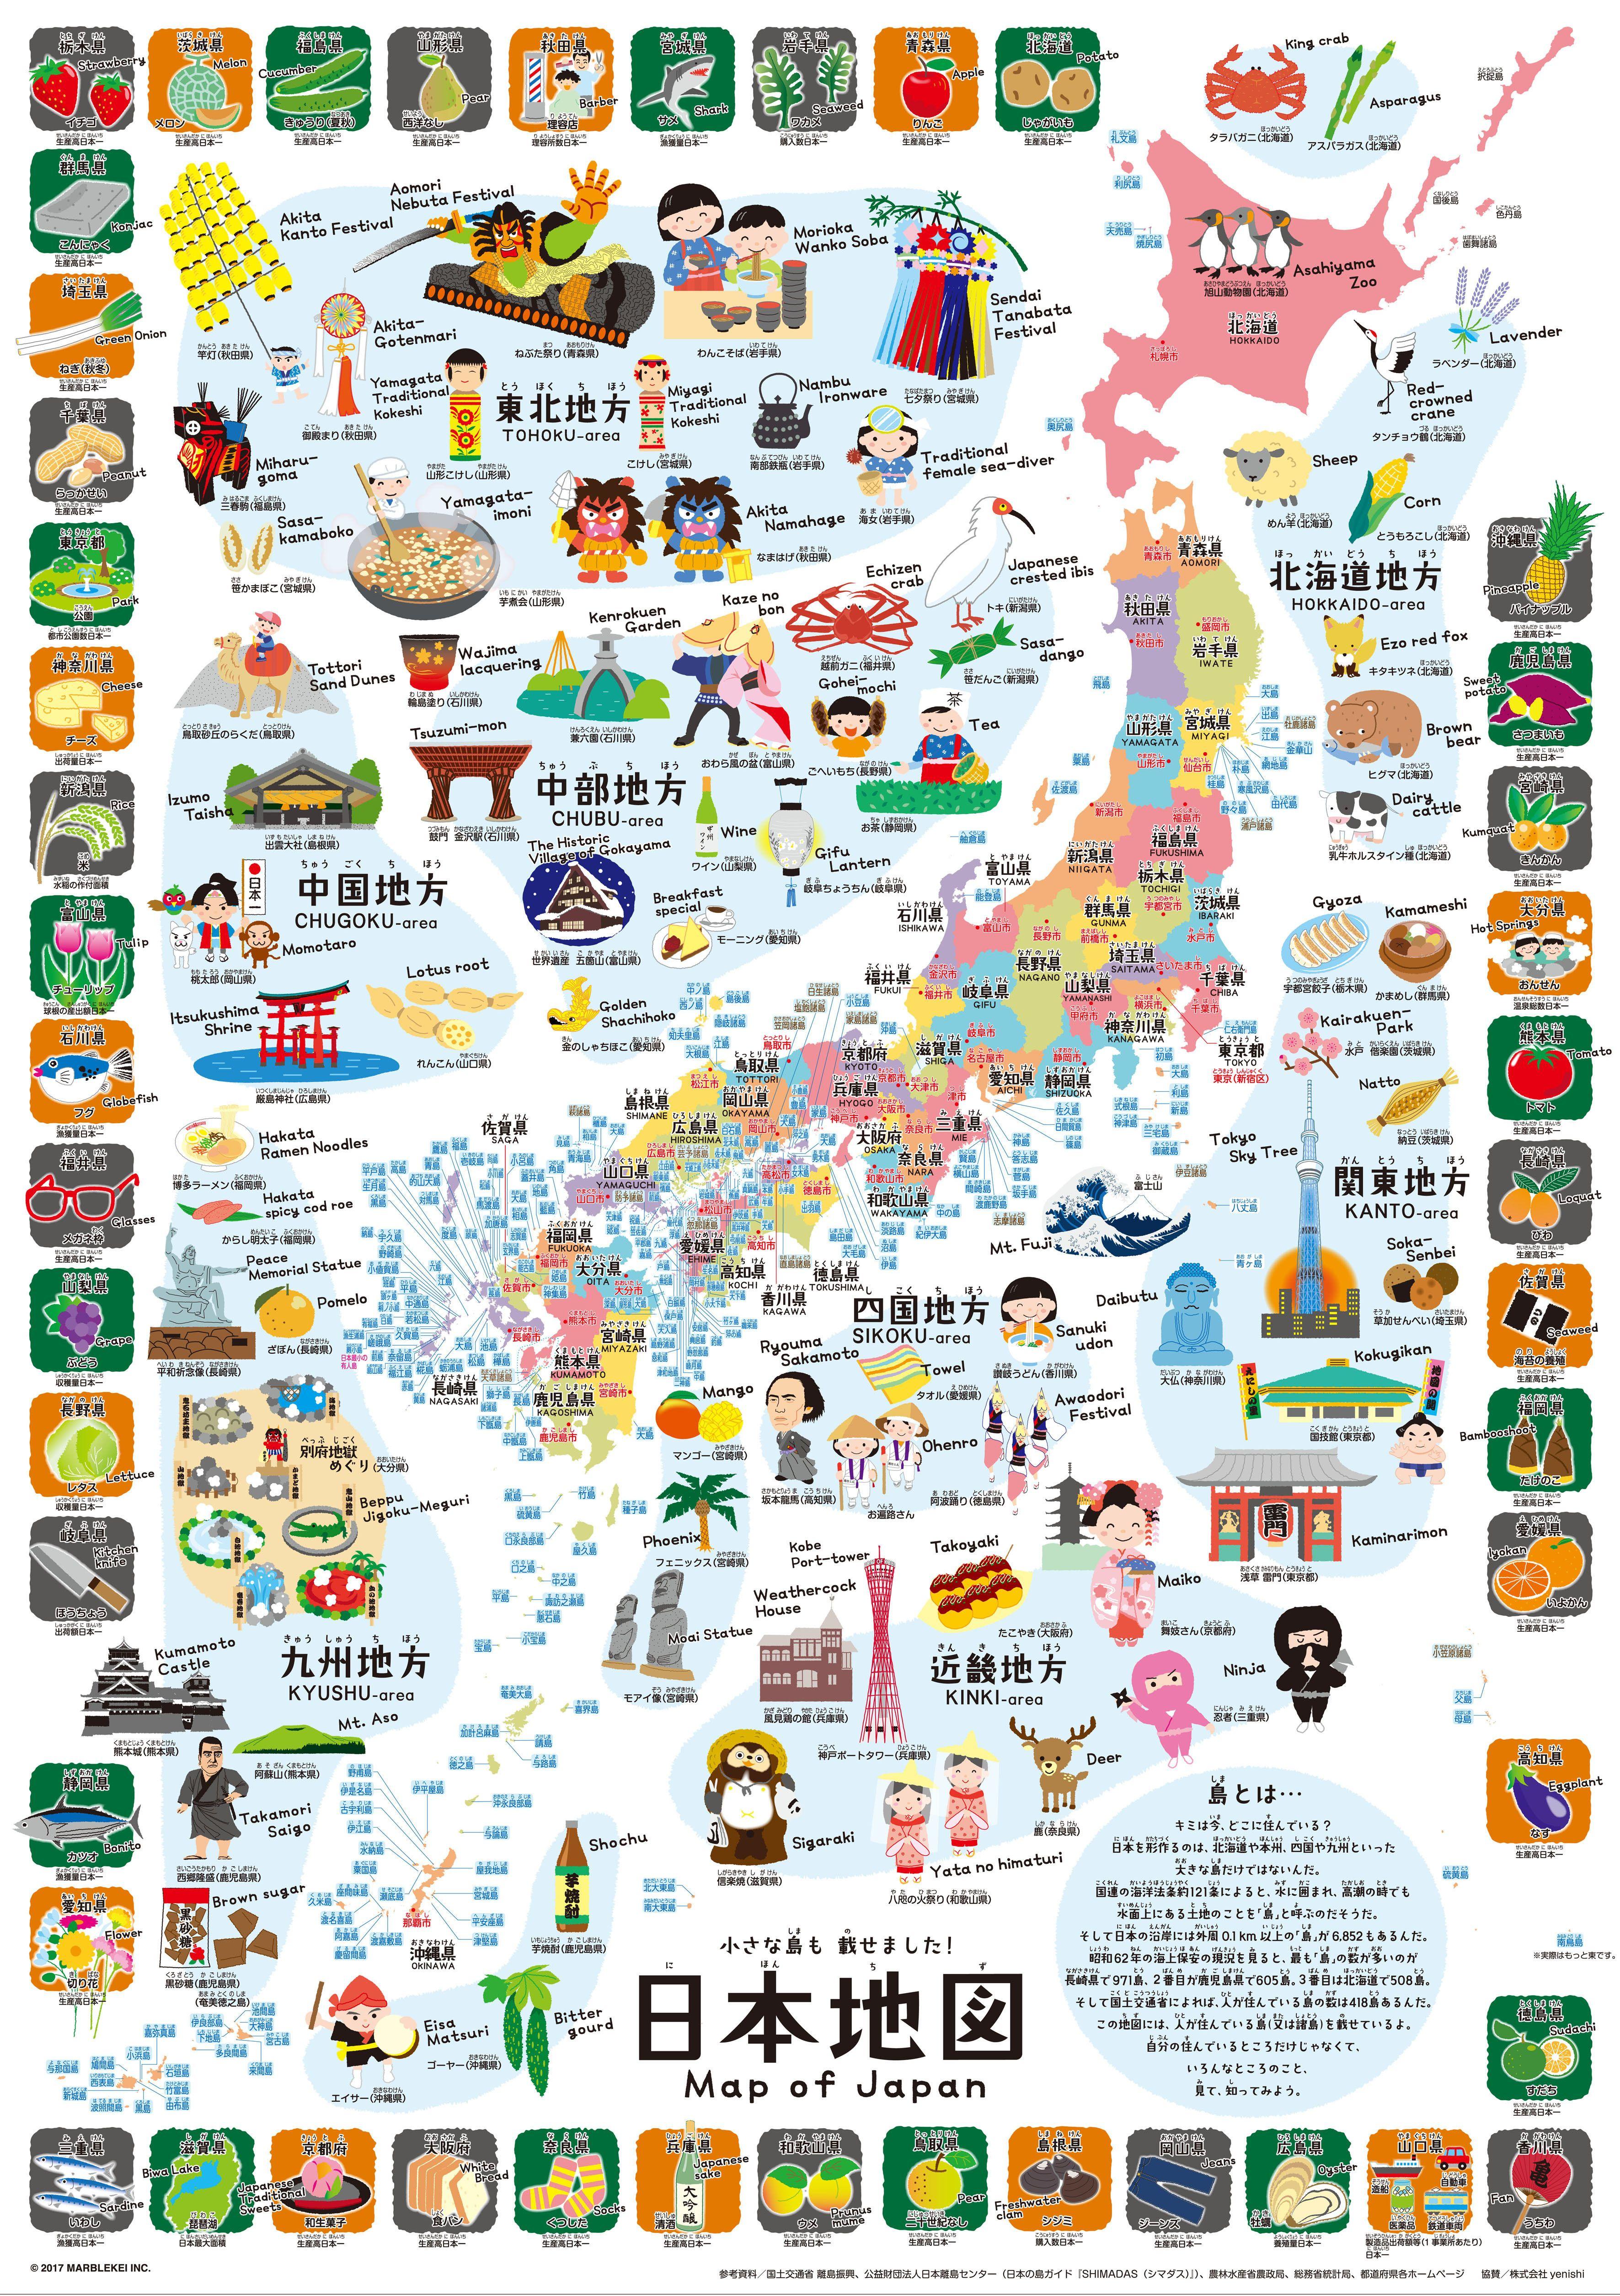 書き込める!小さな島も載せました!日本地図 Map of Japan